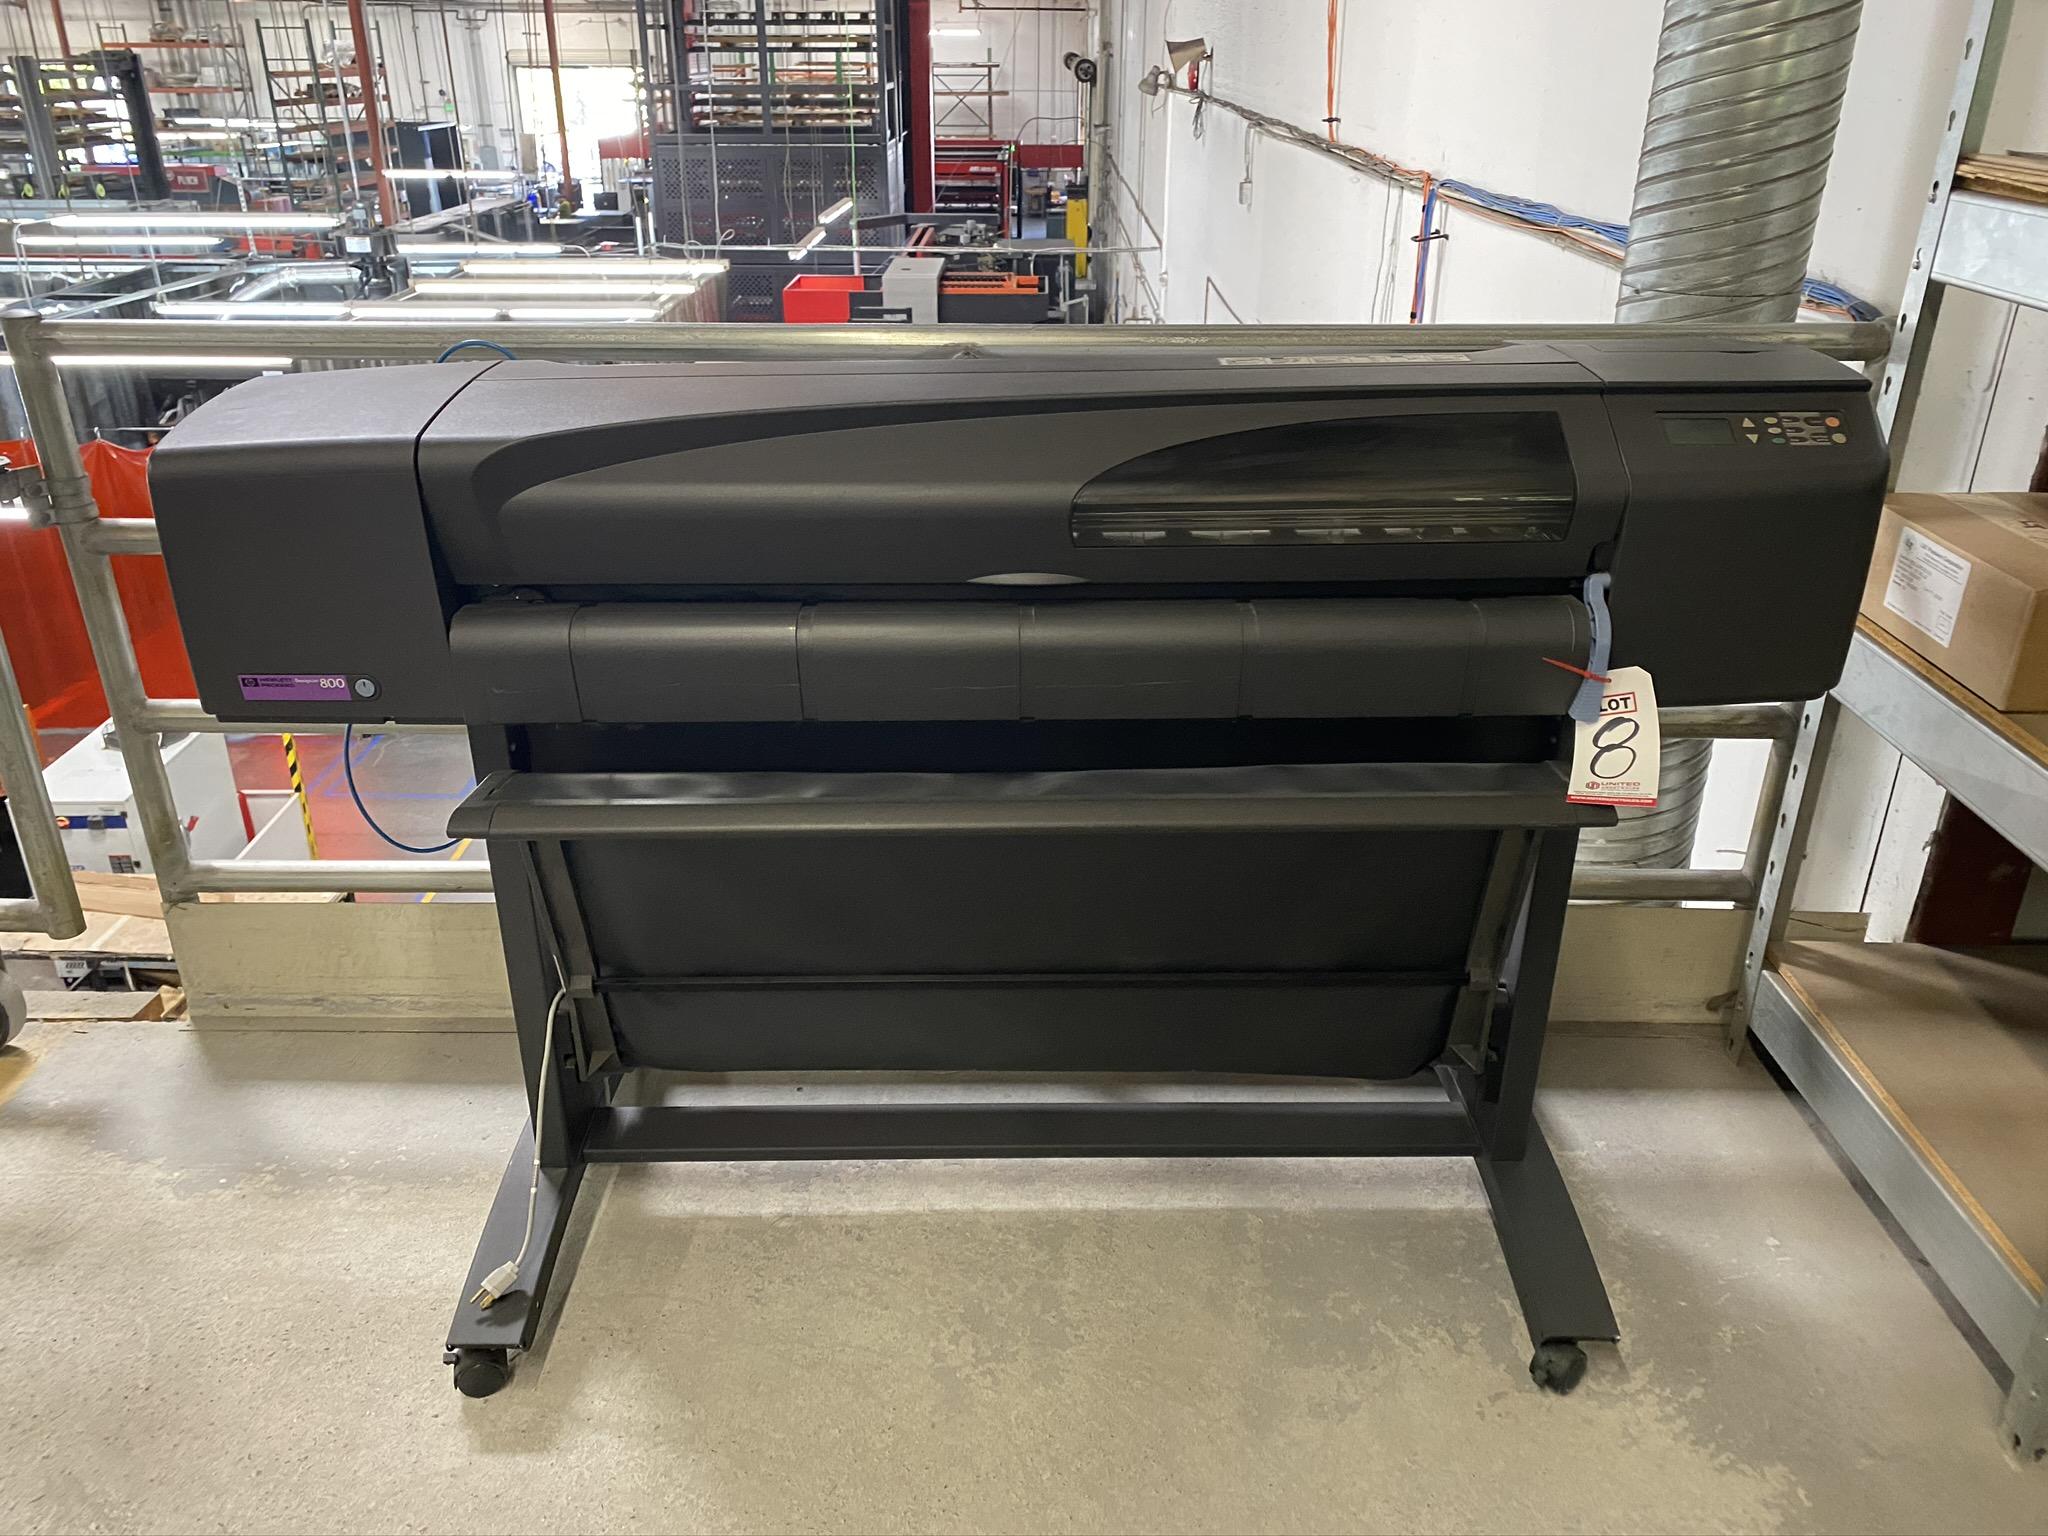 HP DESIGN JET 800 PLOTTER, MODEL C7780B, S/N SG0952201K